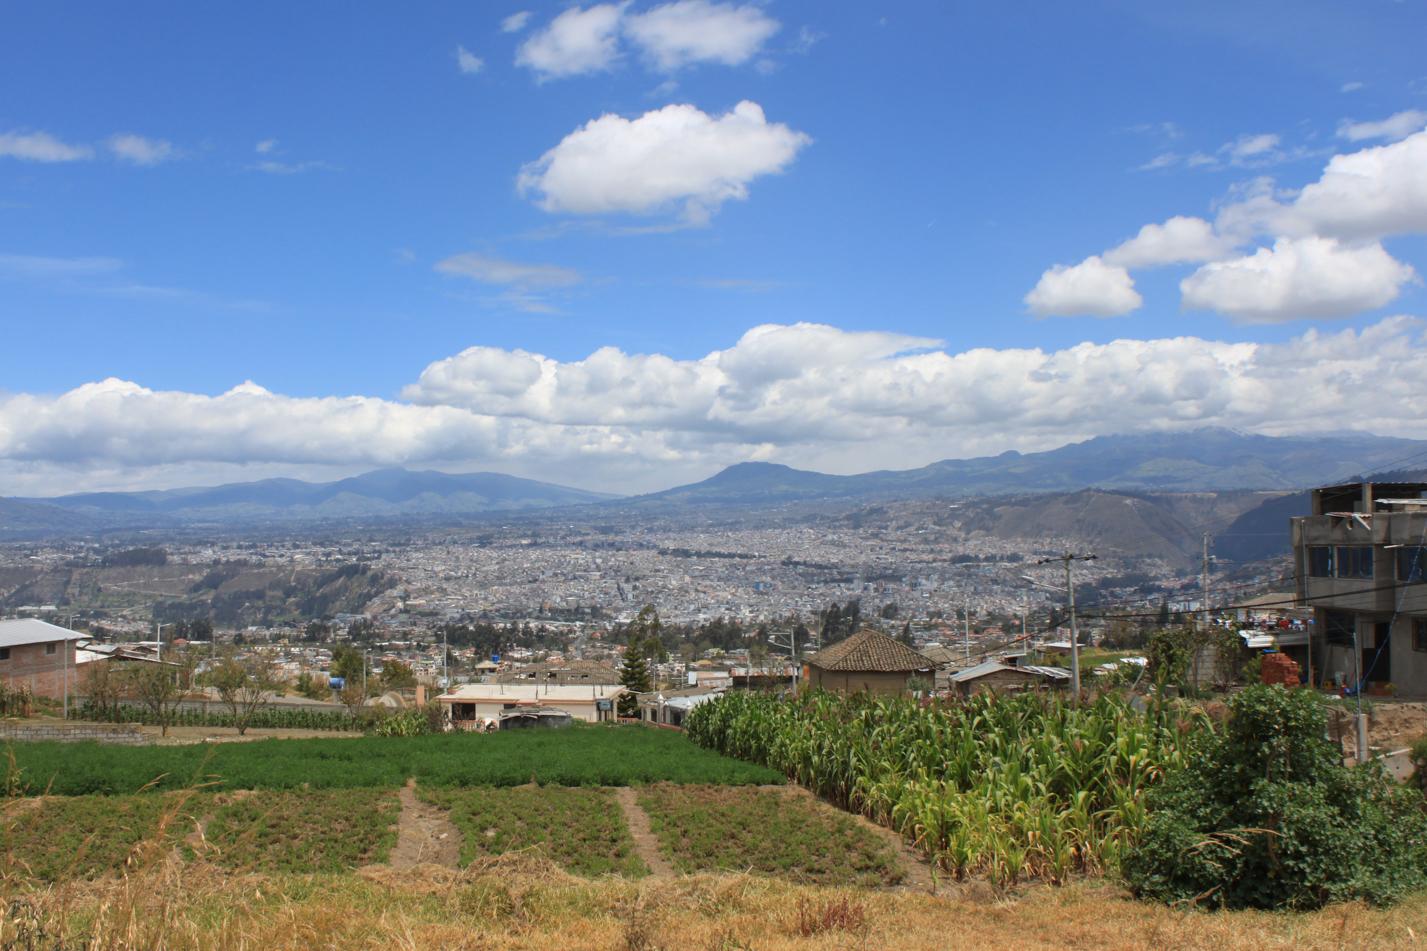 Blick auf die Monsterstadt Ambato.